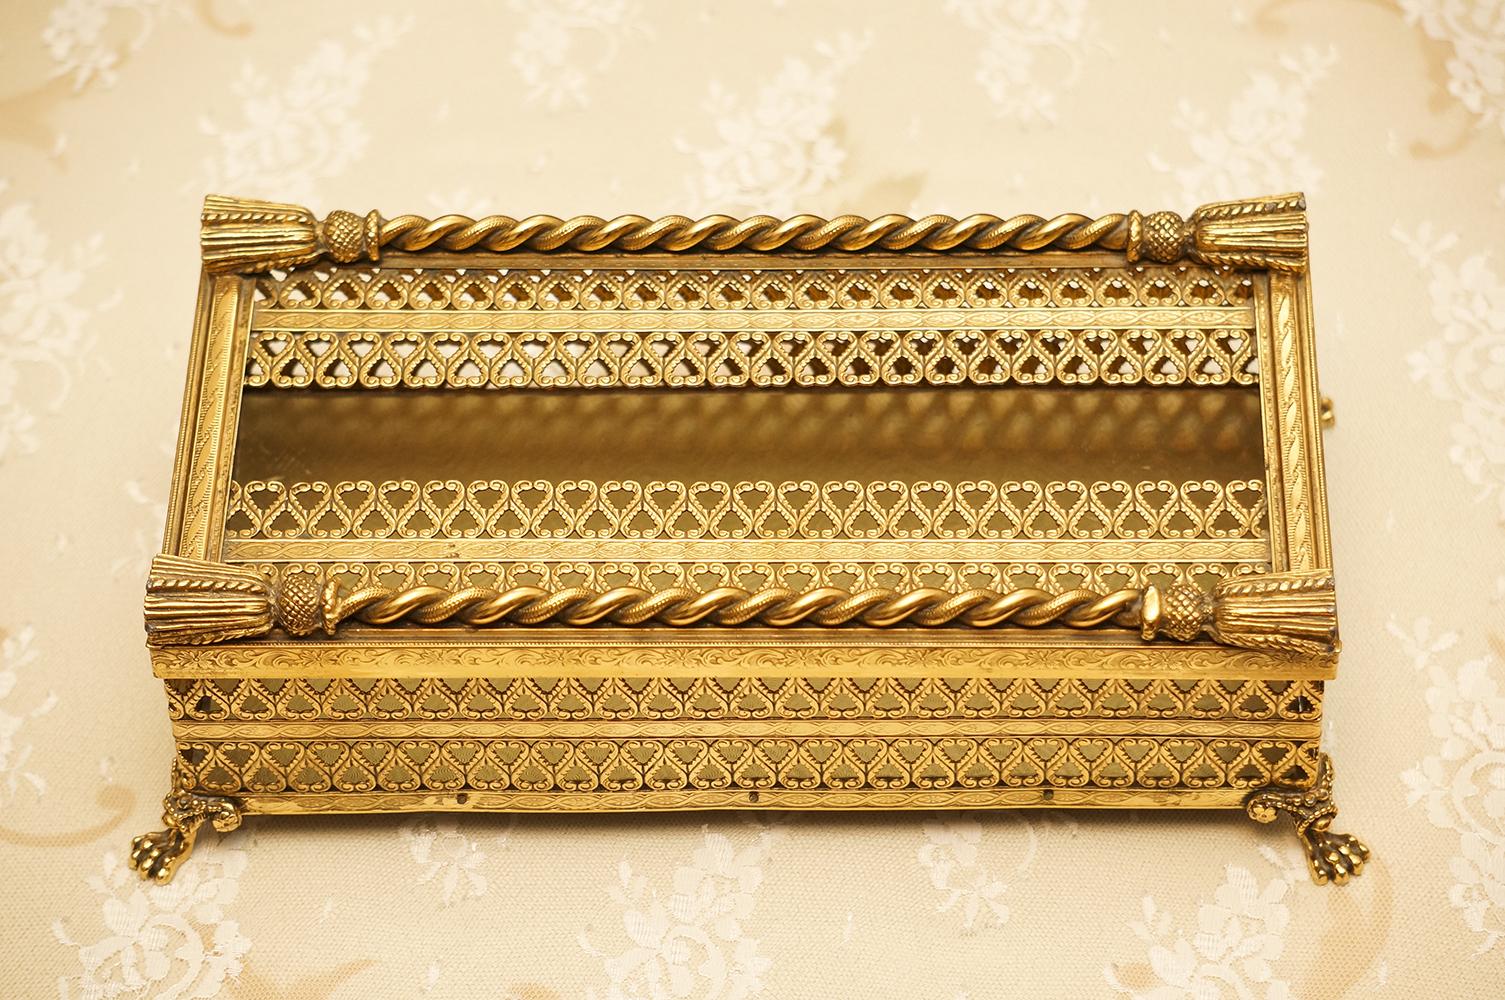 Sold:スタイルビルト製 ゴールド ロープ ティッシュボックス